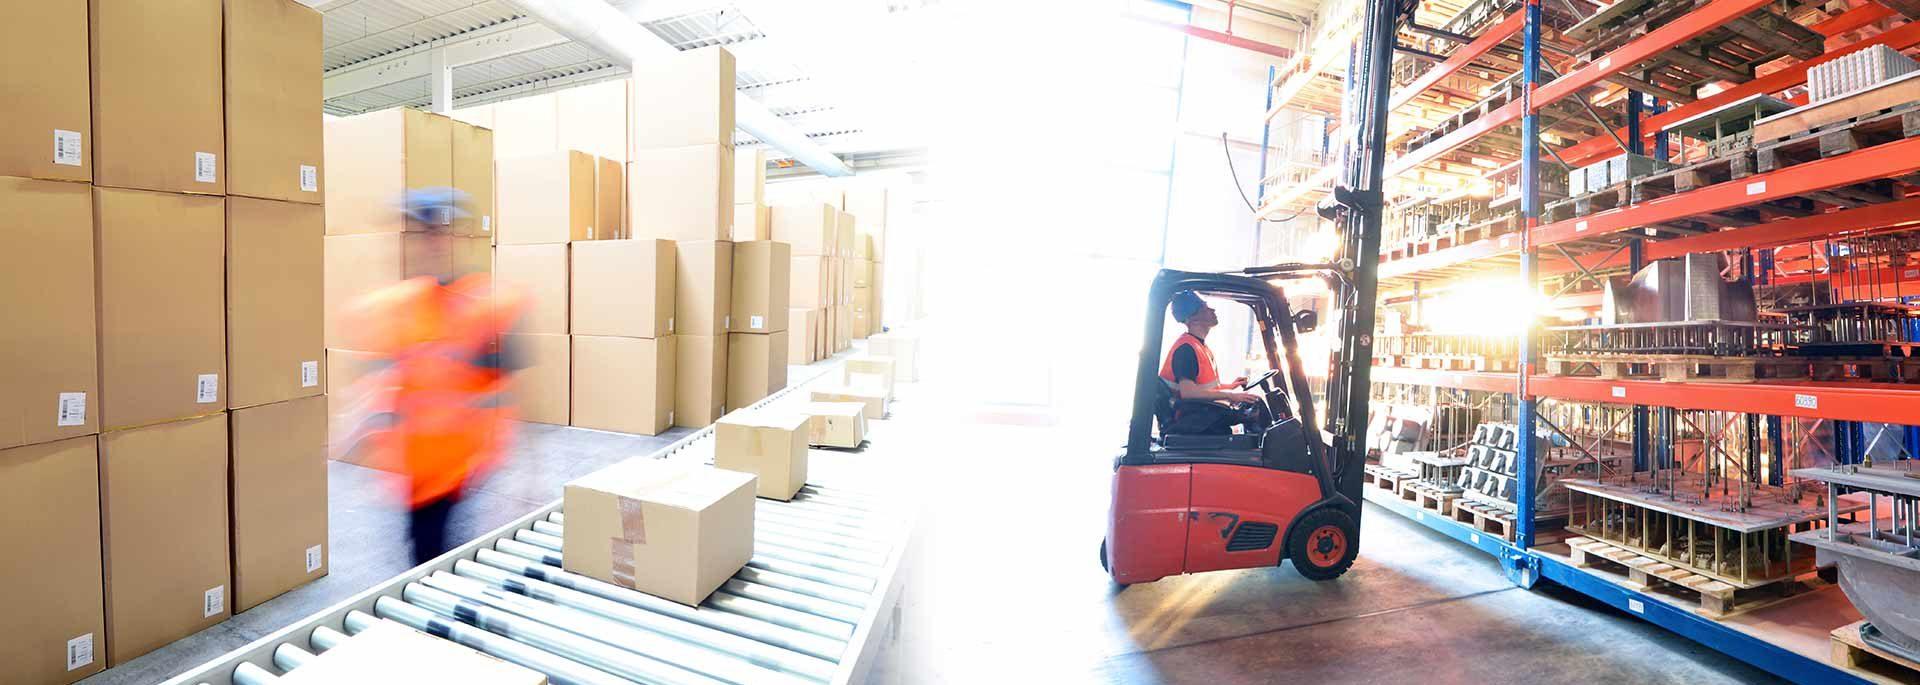 Logistik Arbeiter im Lager